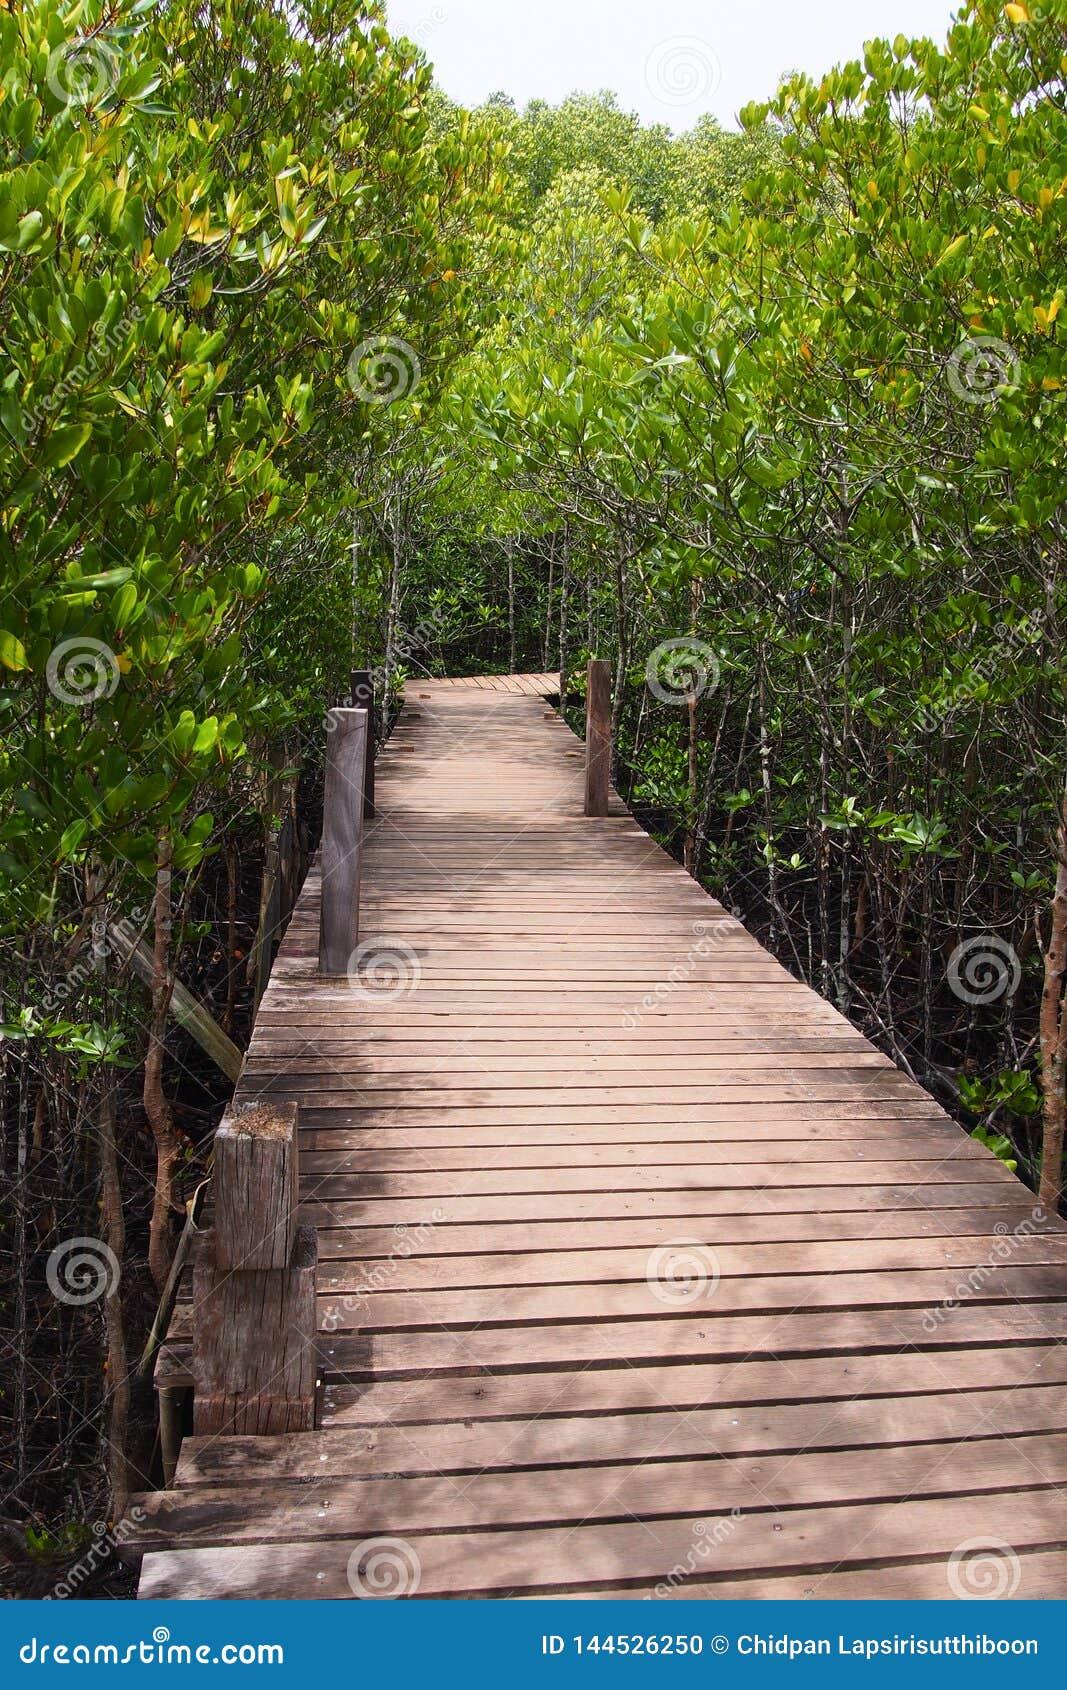 Houten brug voor een weg door het natuurlijke mangrovebos, voor de natuurlijke achtergrond